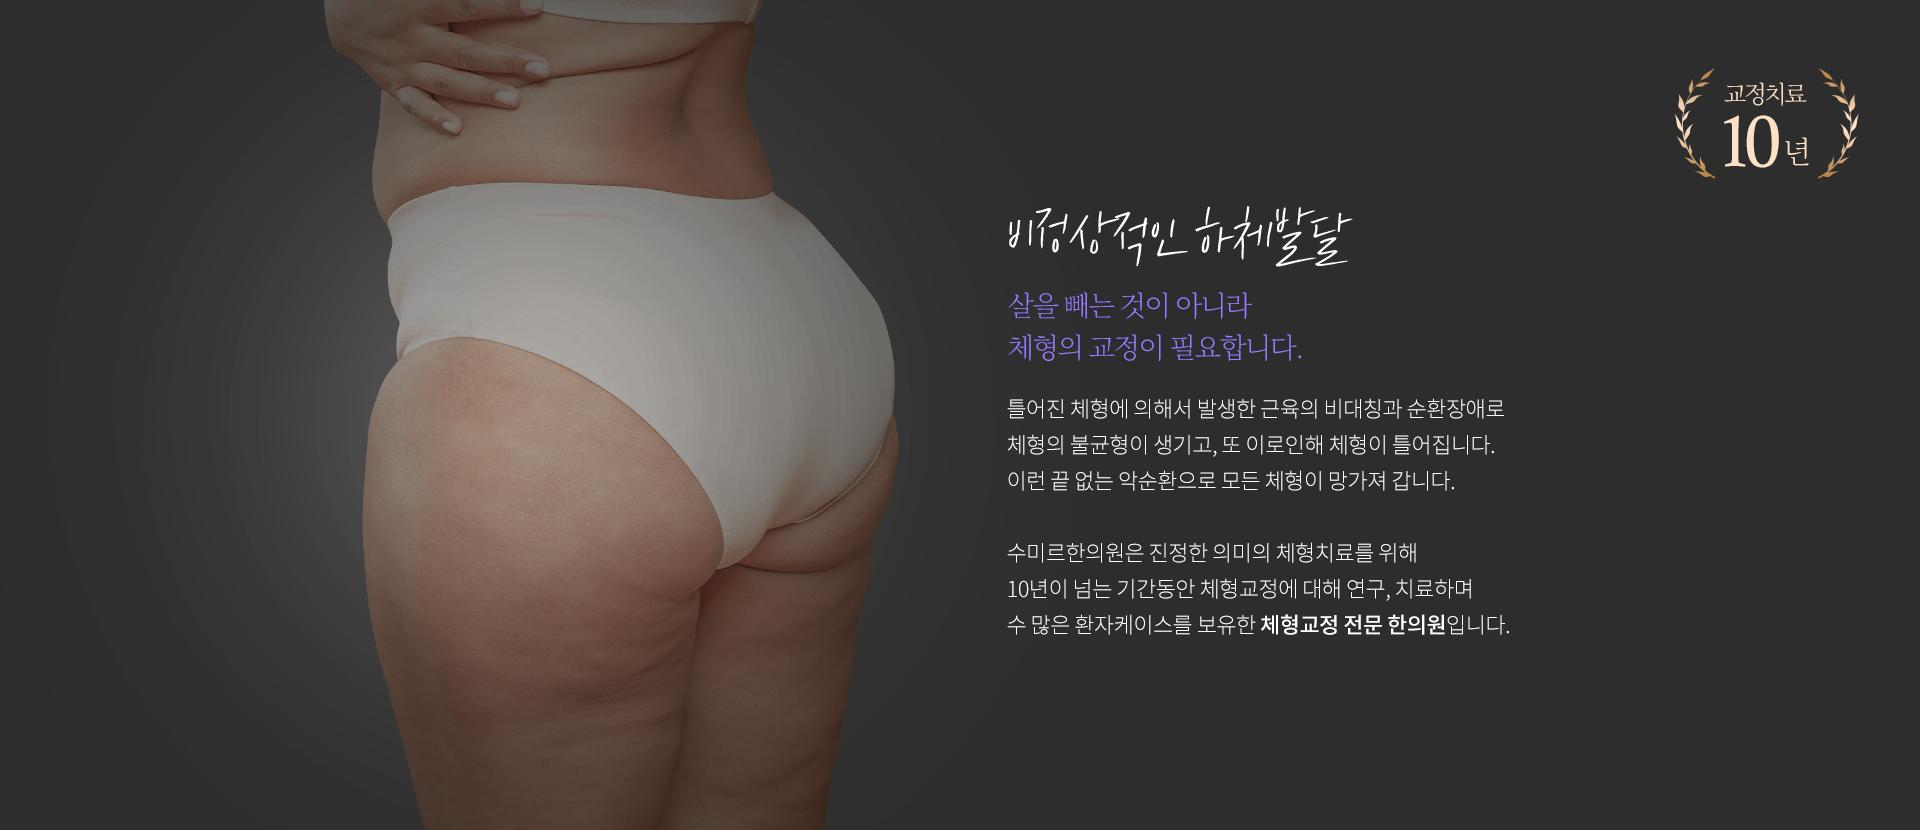 비정상적인 하체발달, 살을 빼는 것이 아니라 체형의 교정이 필요합니다.